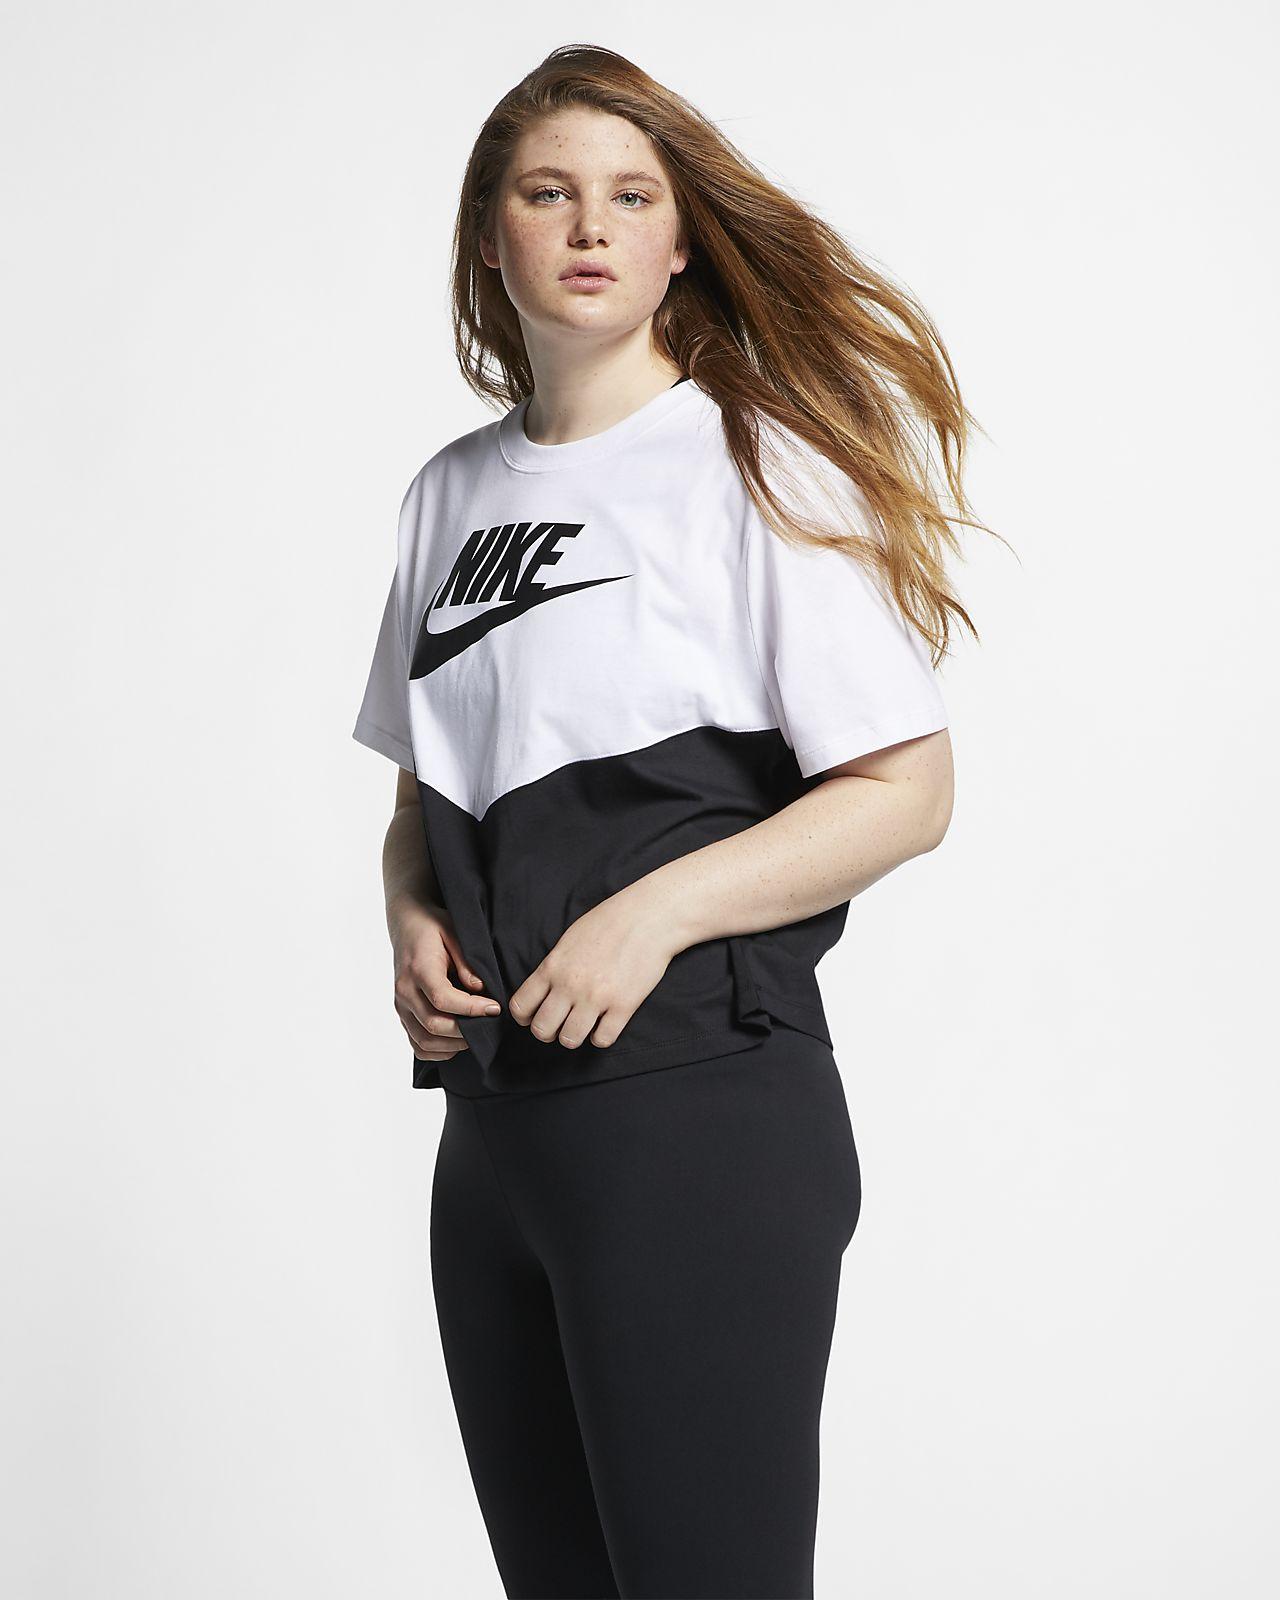 129c4a6c Nike Sportswear Heritage Women's Short-Sleeve Top (Plus Size). Nike ...